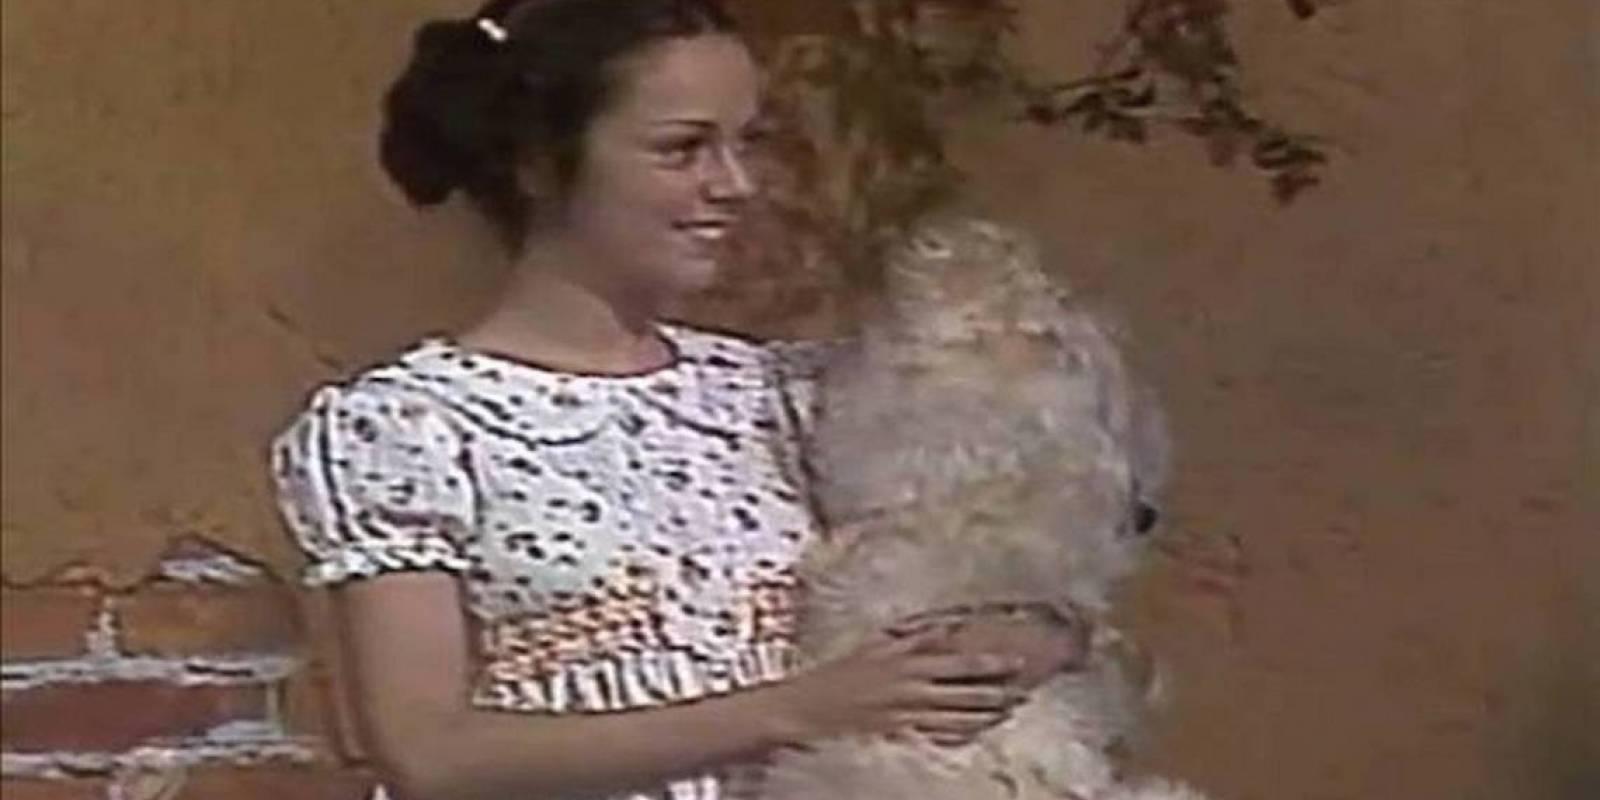 Ana Lilian De La Macorra esta es 'patty' la niña más bonita de la vecindad del chavo